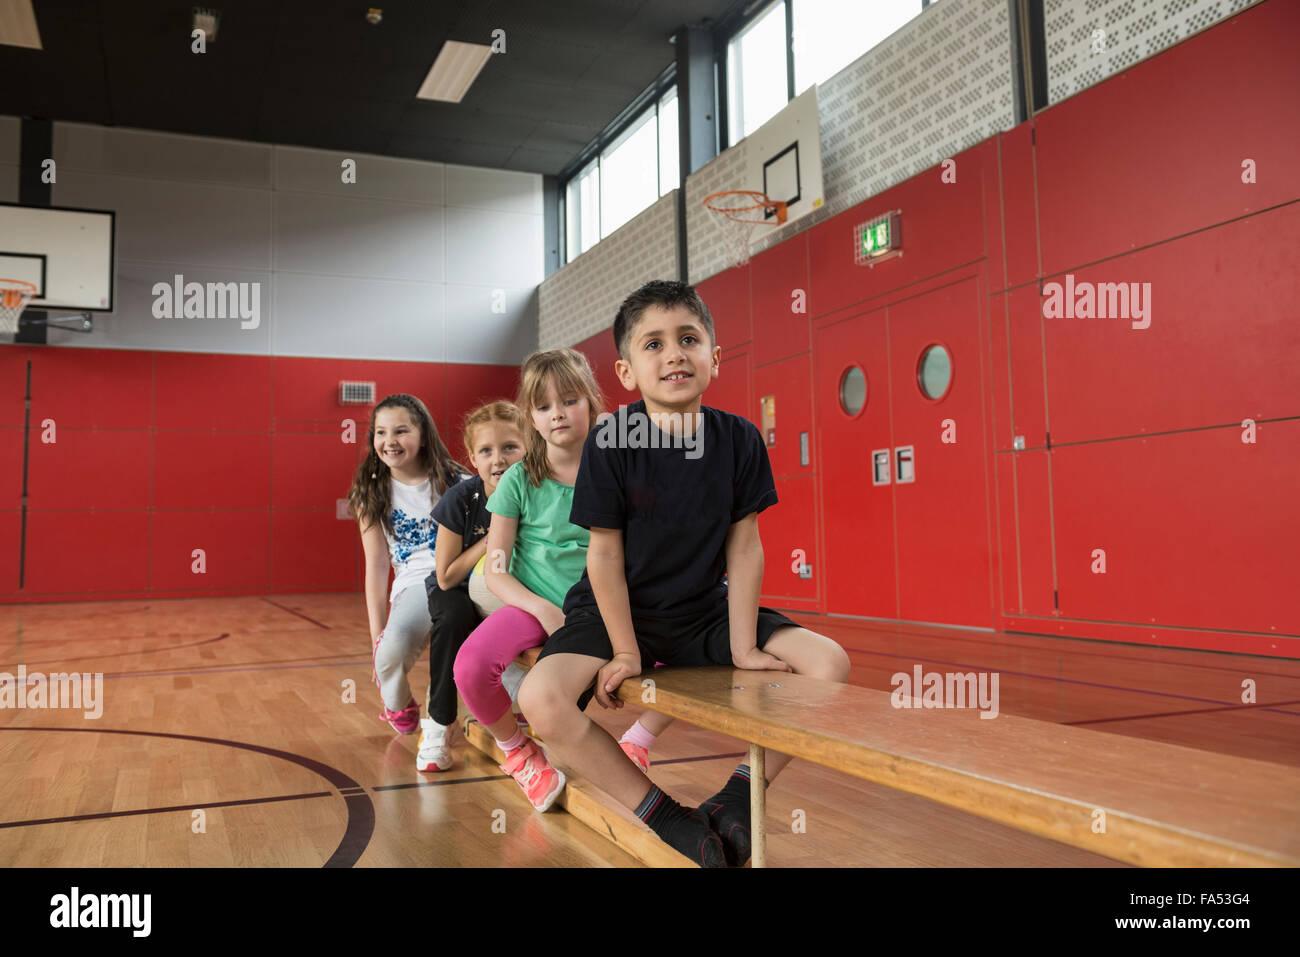 Kinder auf Bank vor Übungen in großen Turnhalle der Schule, Bayern, München, Deutschland Stockbild